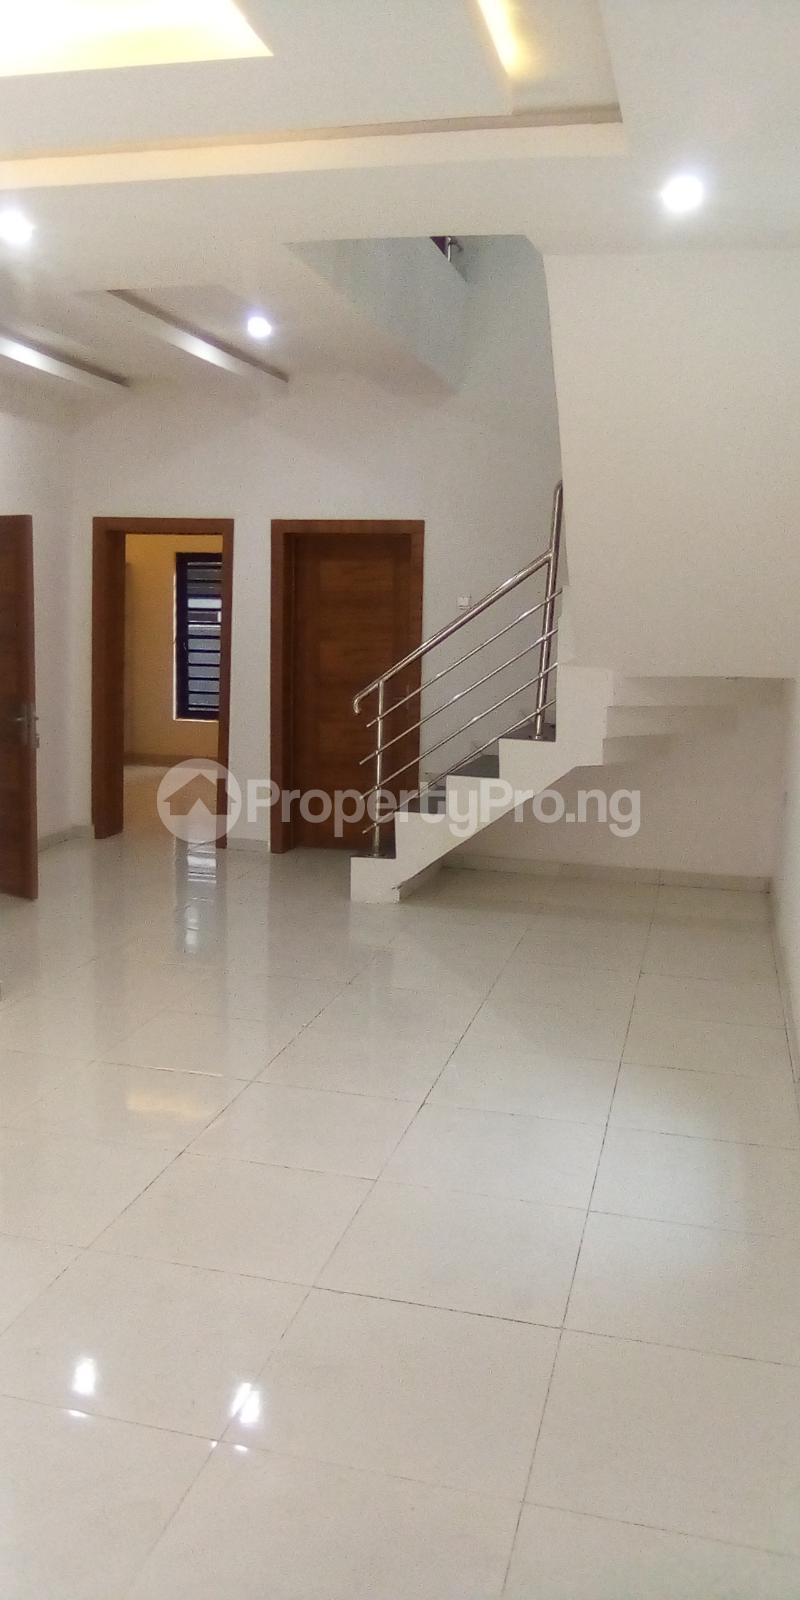 4 bedroom Terraced Duplex for rent Agungi Estate Agungi Lekki Lagos - 1